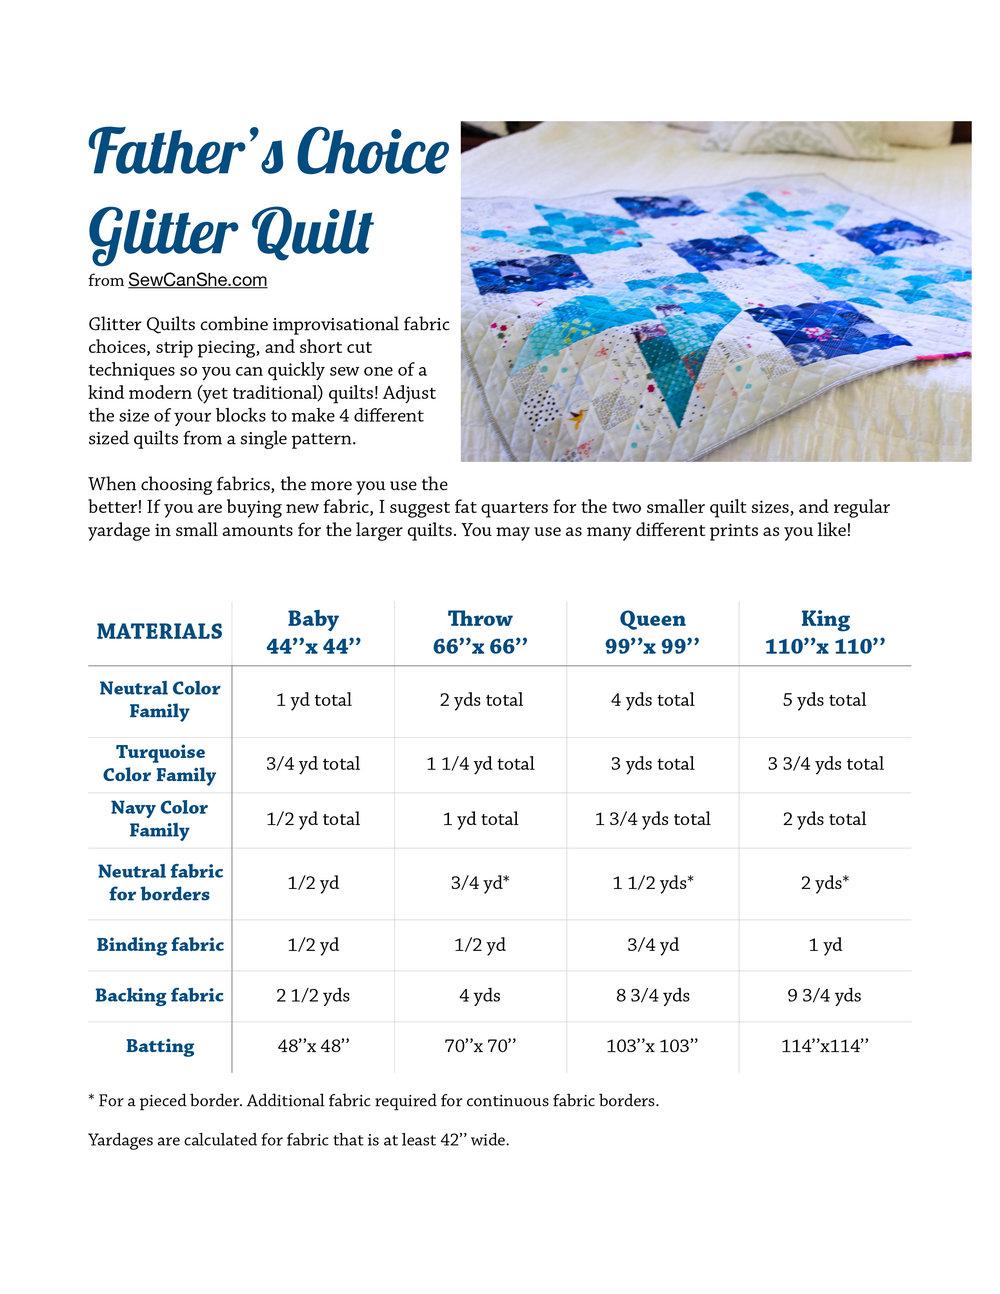 Fathers Choice Glitter Quilt info sheet.jpg